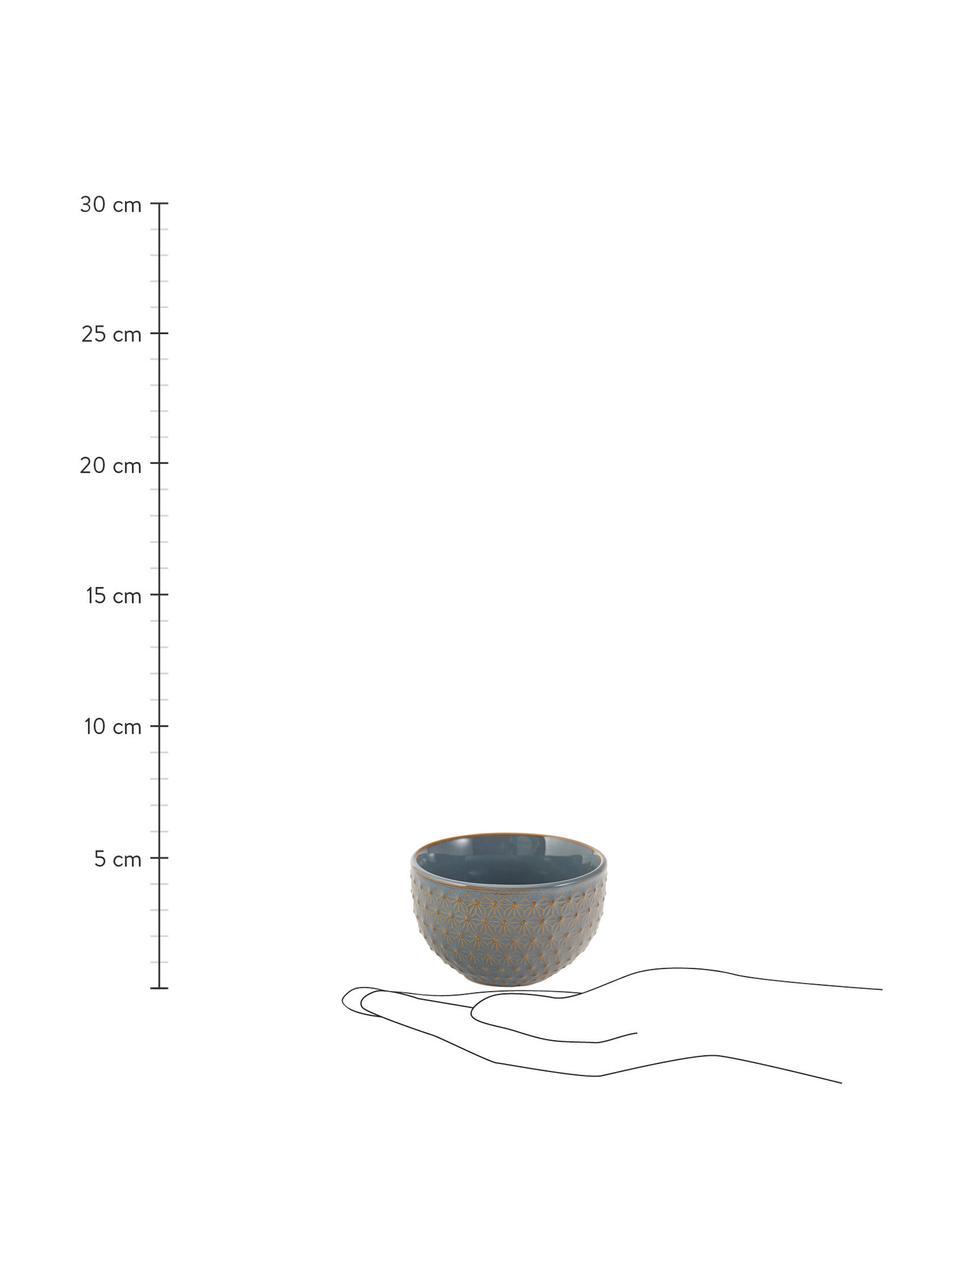 Gemusterte Snack-Schälchen Lara, 4er-Set, Steingut, Blaugrau, Braun, Ø 9 x H 6 cm